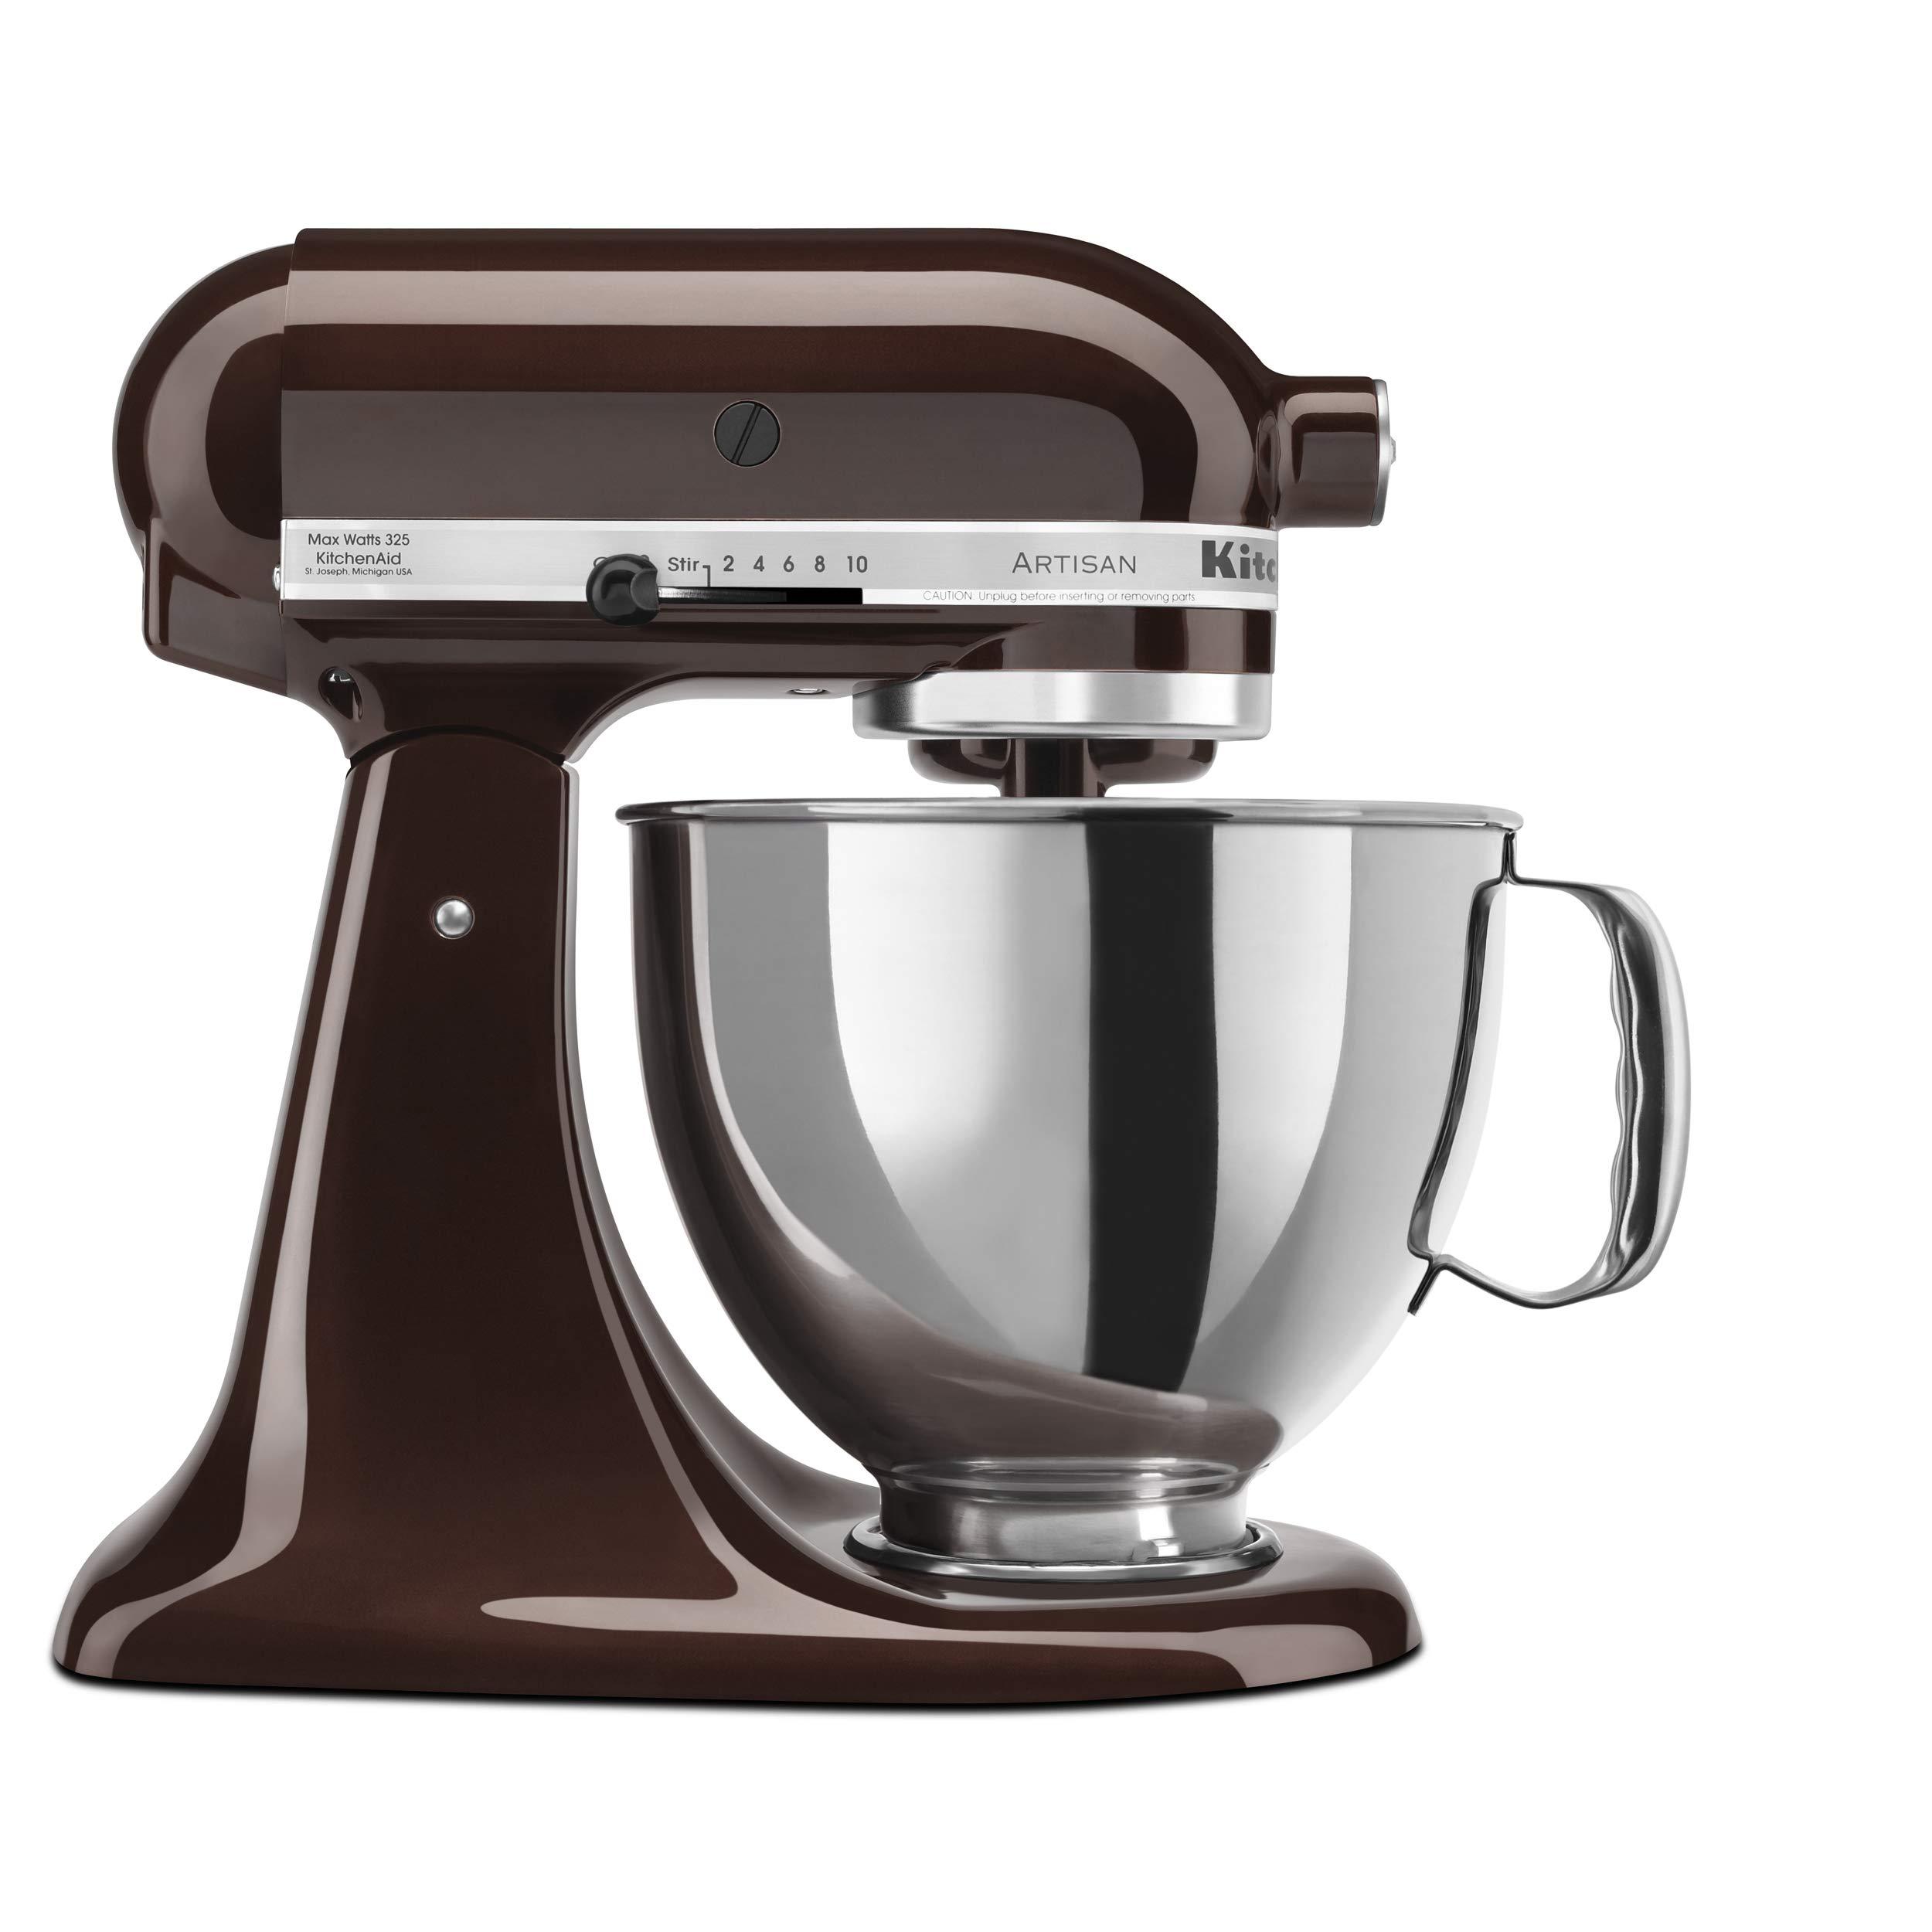 6 Quart Dark Green William Sonoma Champagne KitchenAid Professional 600 Series KP26M1XER Bowl-Lift Stand Mixer